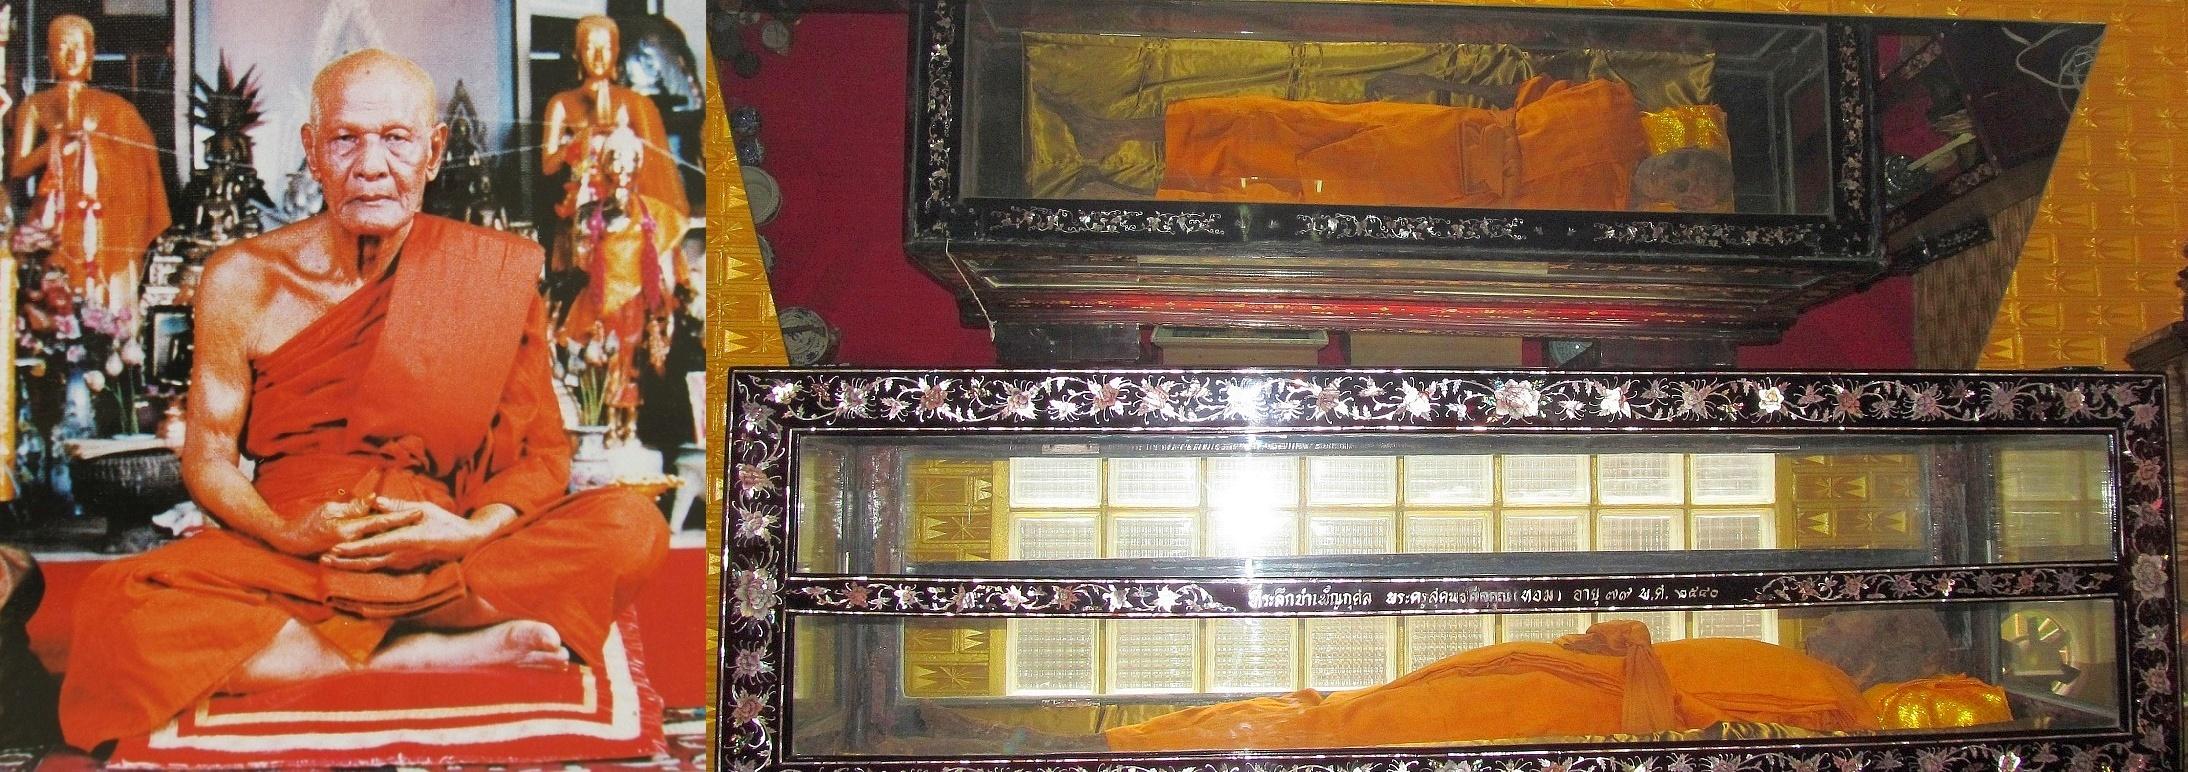 Luang Pho Hom - Wat Tha It - Thajsko 2010